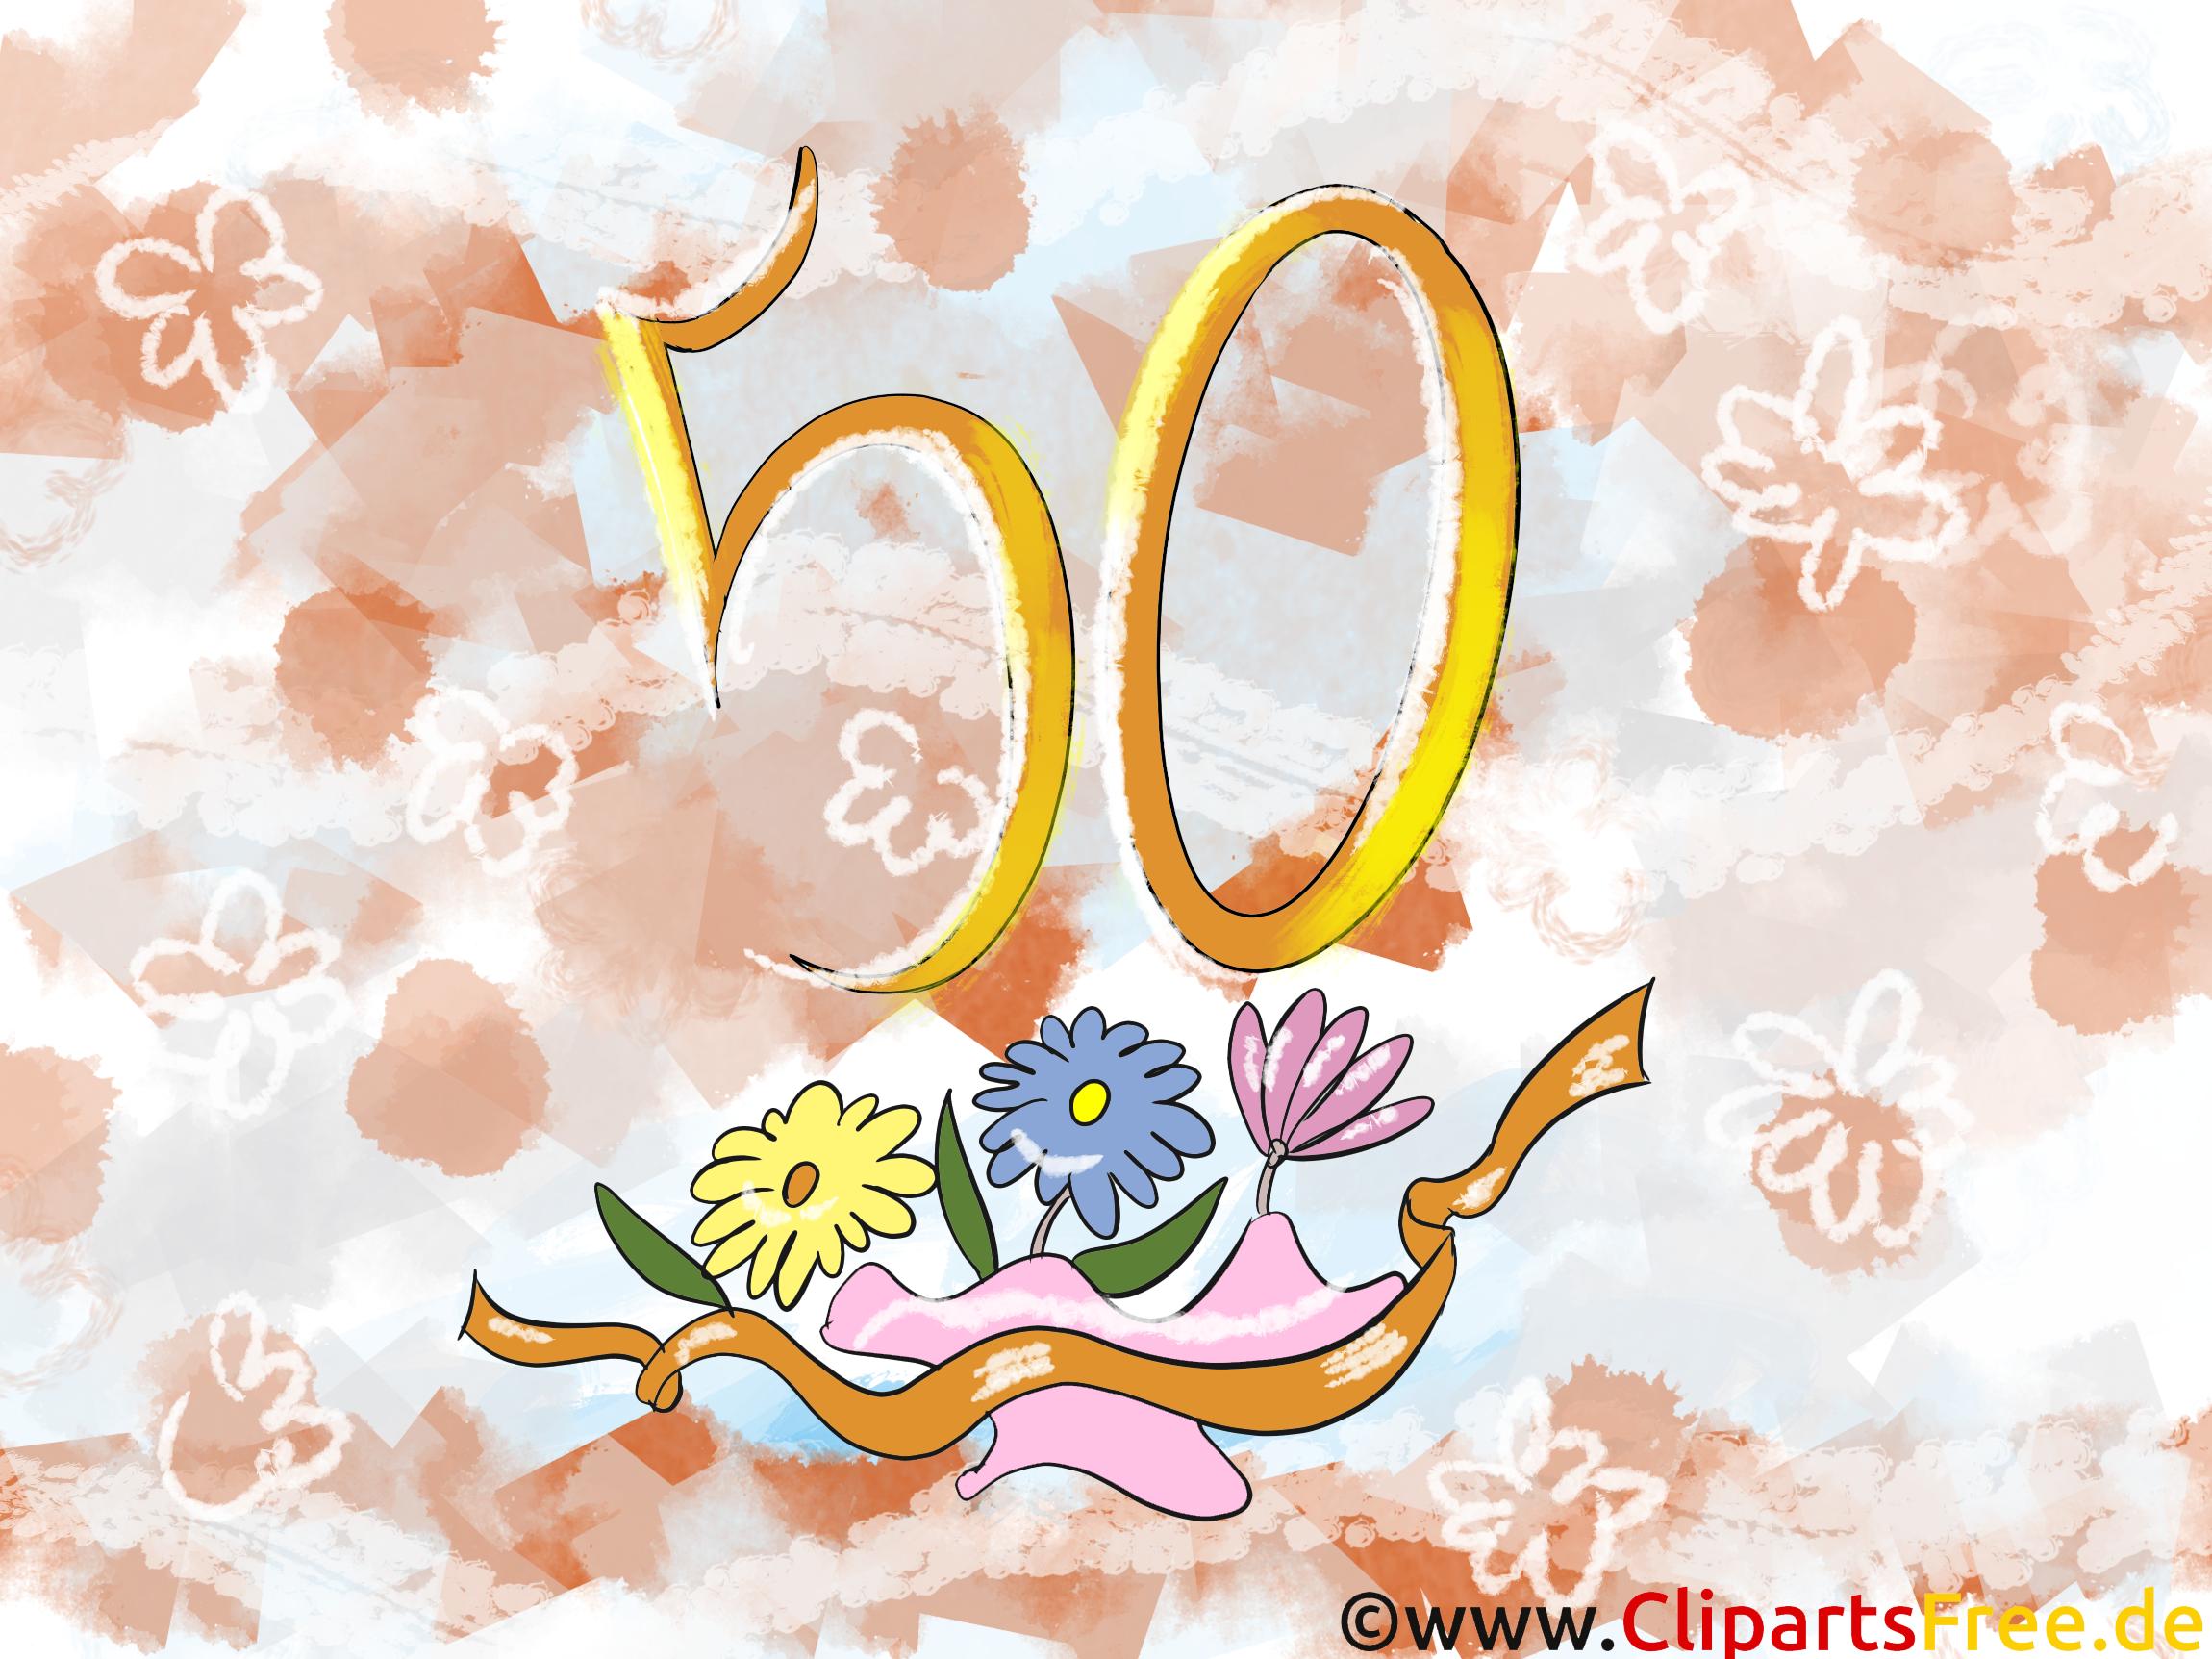 50 ans dessin t l charger anniversaire images anniversaire dessin picture image graphic - Clipart anniversaire gratuit telecharger ...